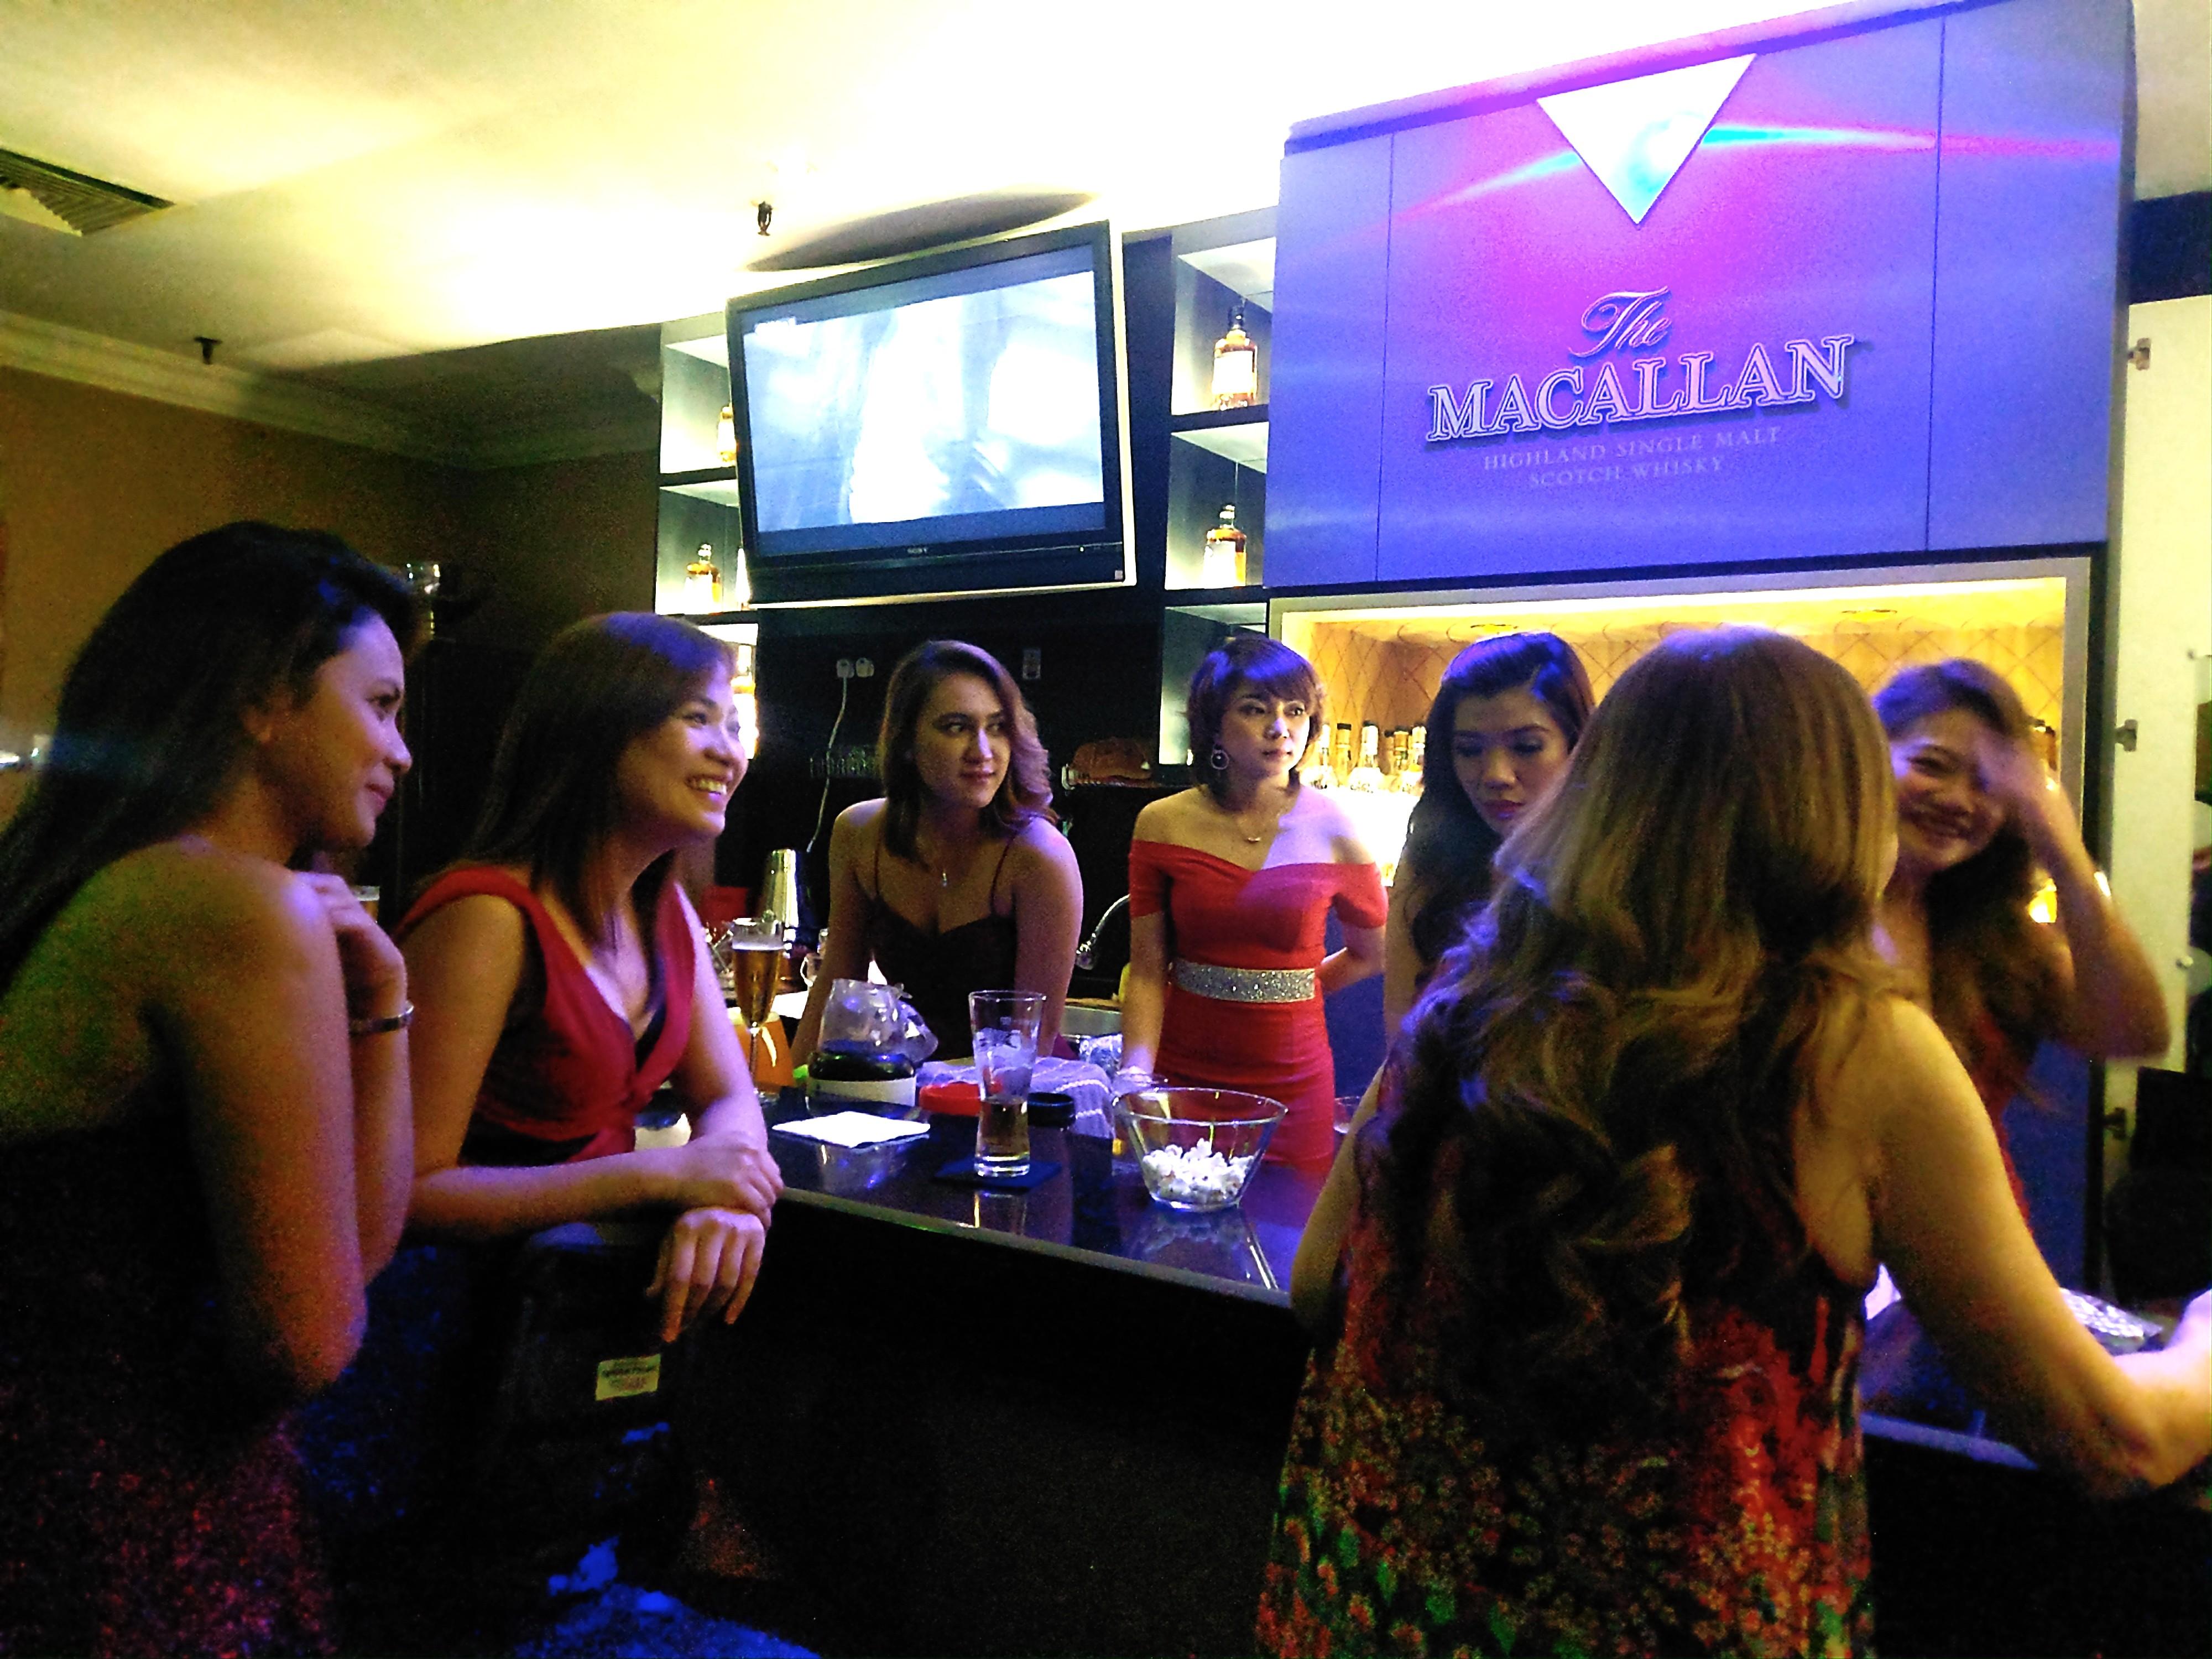 シンガポールフィリピンパブ ESQUIRE エスカイヤー !オーチャードプラザでノリノリの女の子と遊んでテーブルチャージなしの明瞭会計!